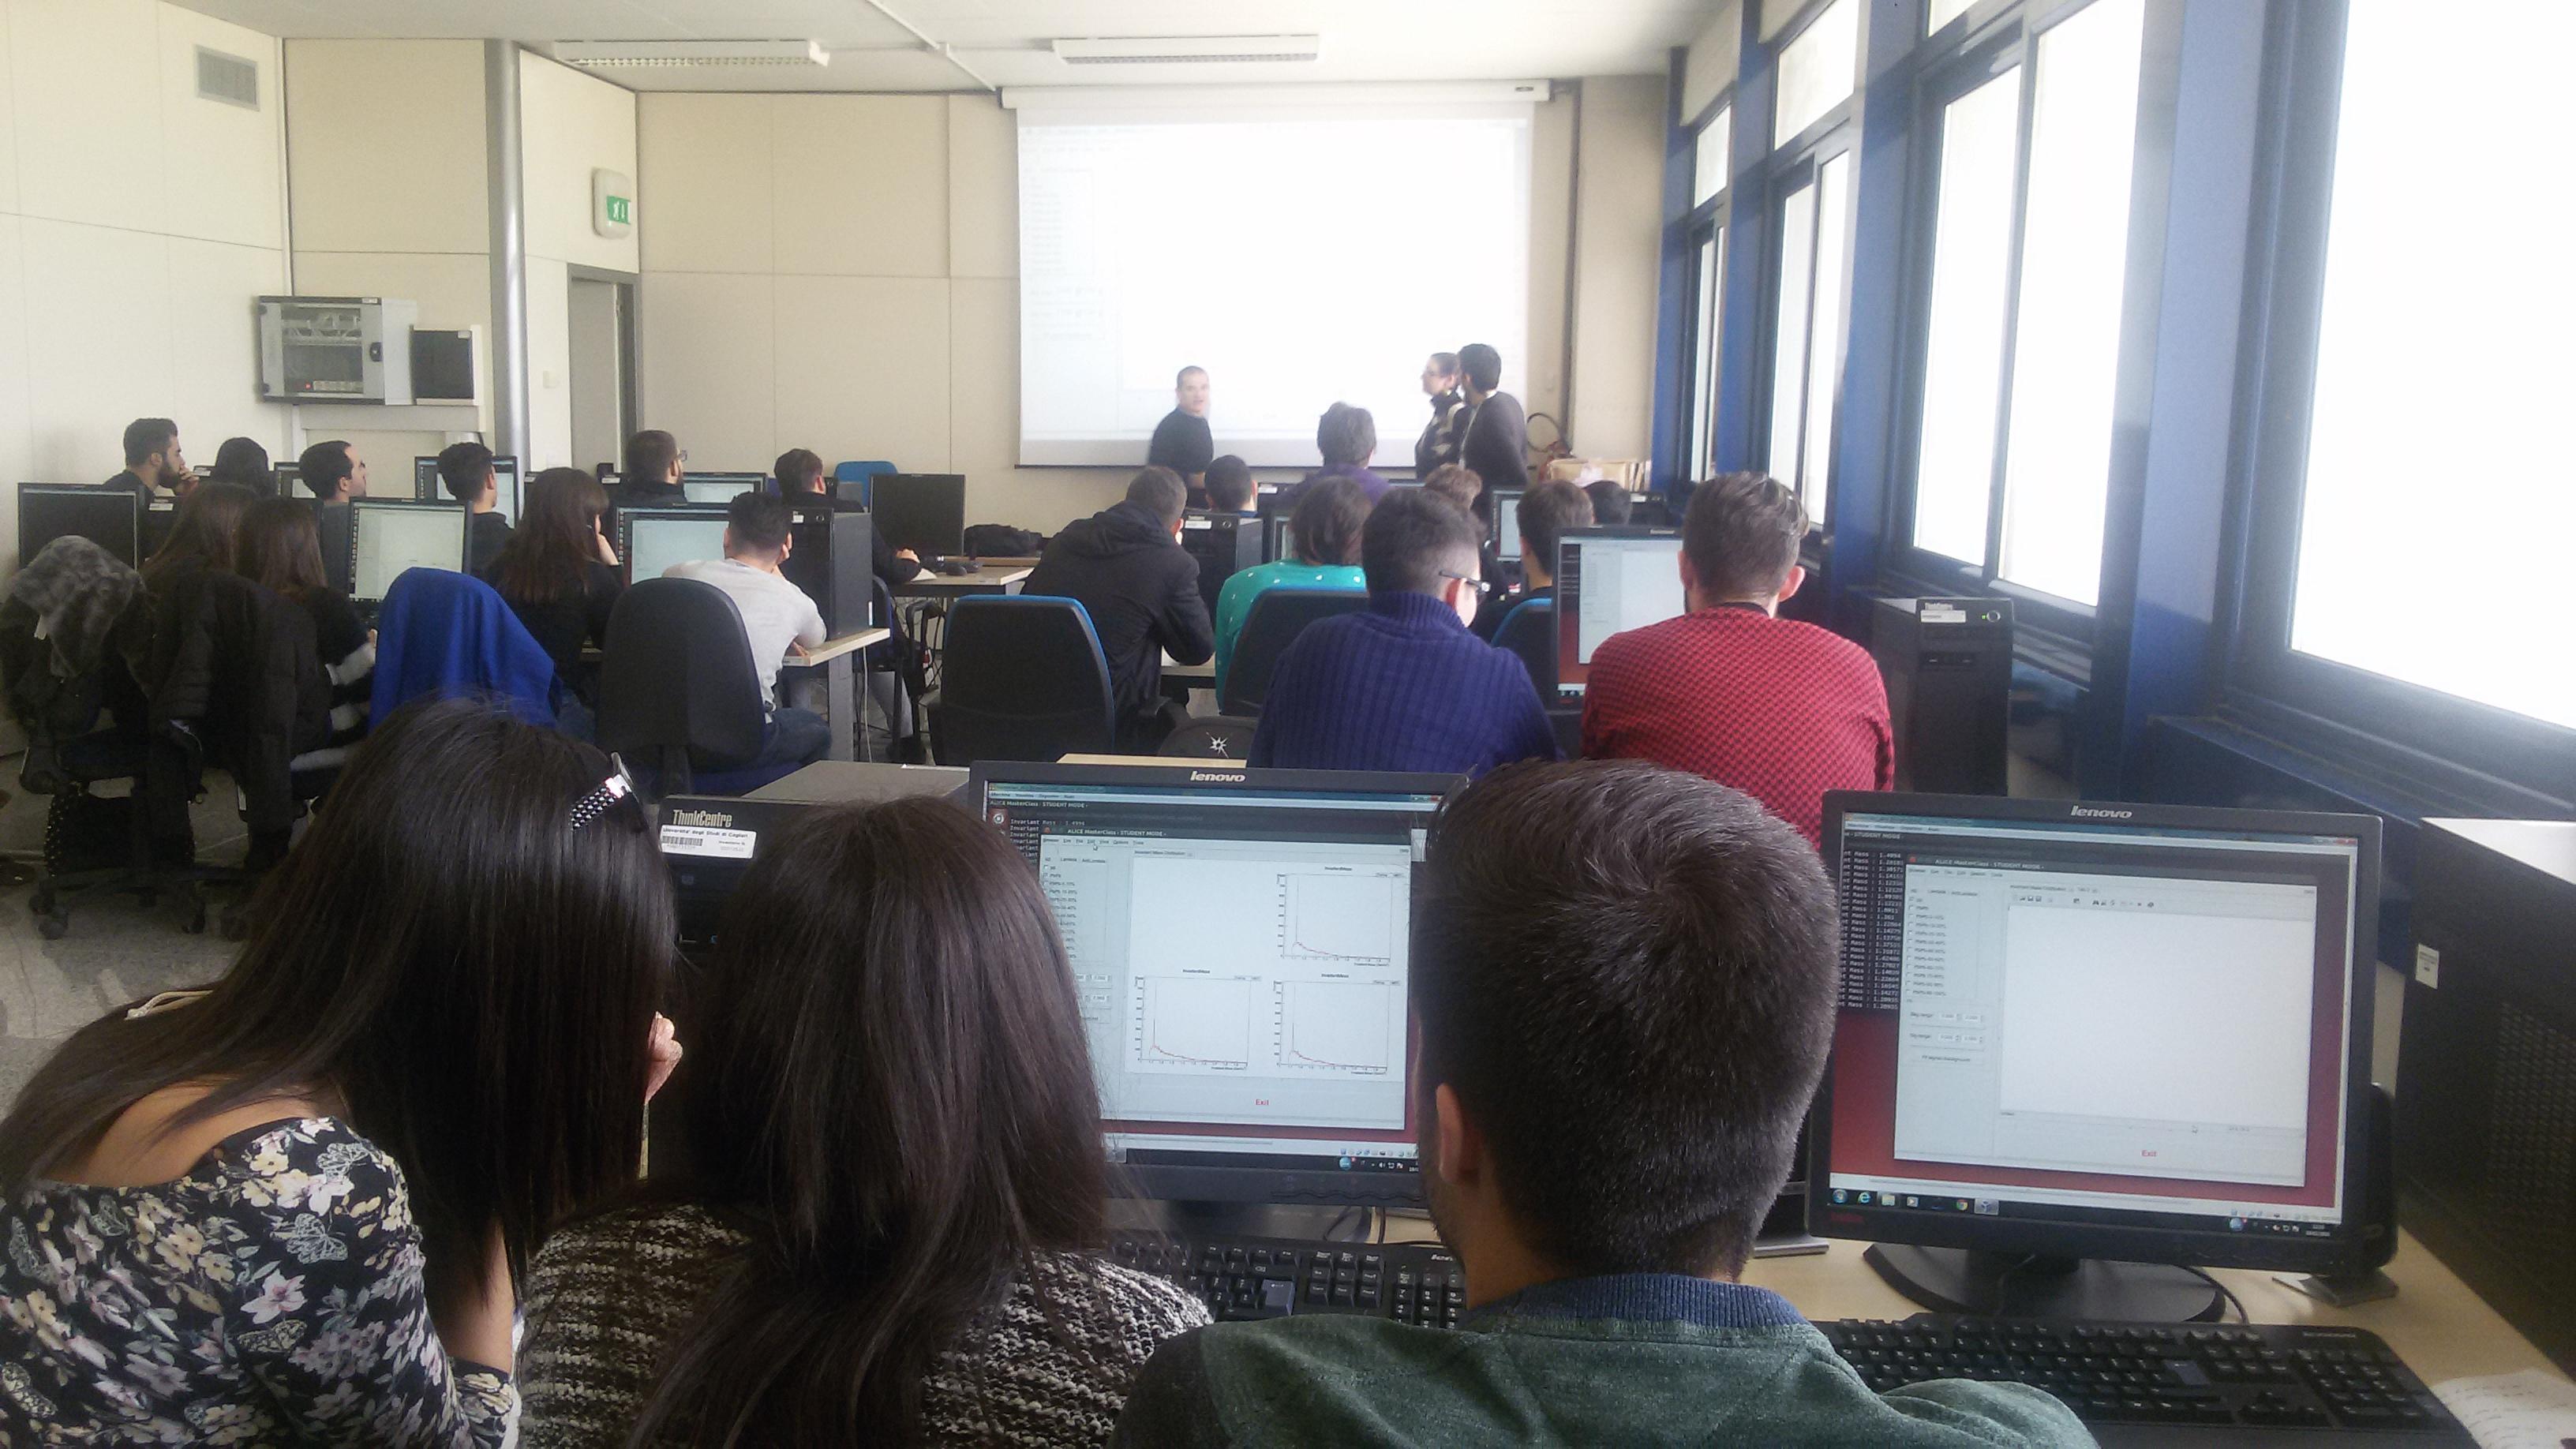 Attività sperimentale presso l'aula informatica